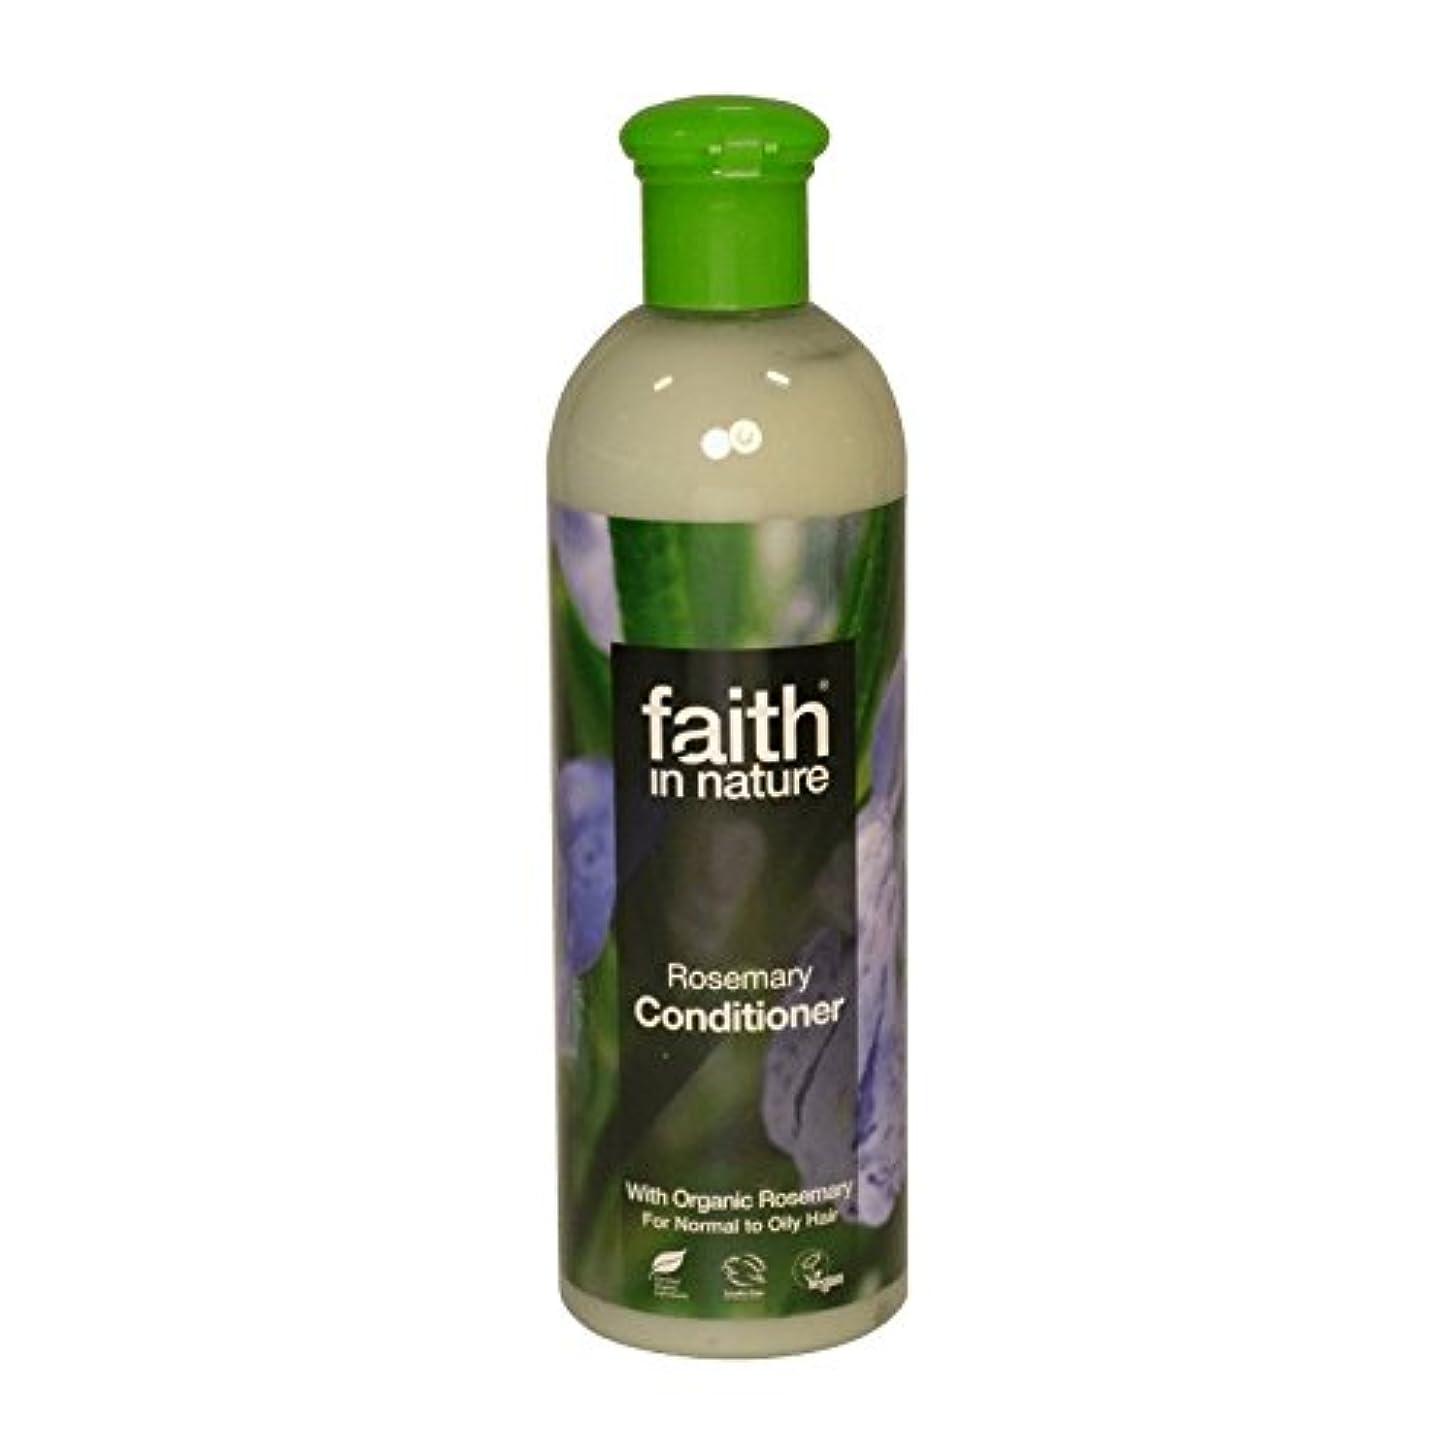 祝う失態女将自然ローズマリーコンディショナー400ミリリットルの信仰 - Faith in Nature Rosemary Conditioner 400ml (Faith in Nature) [並行輸入品]